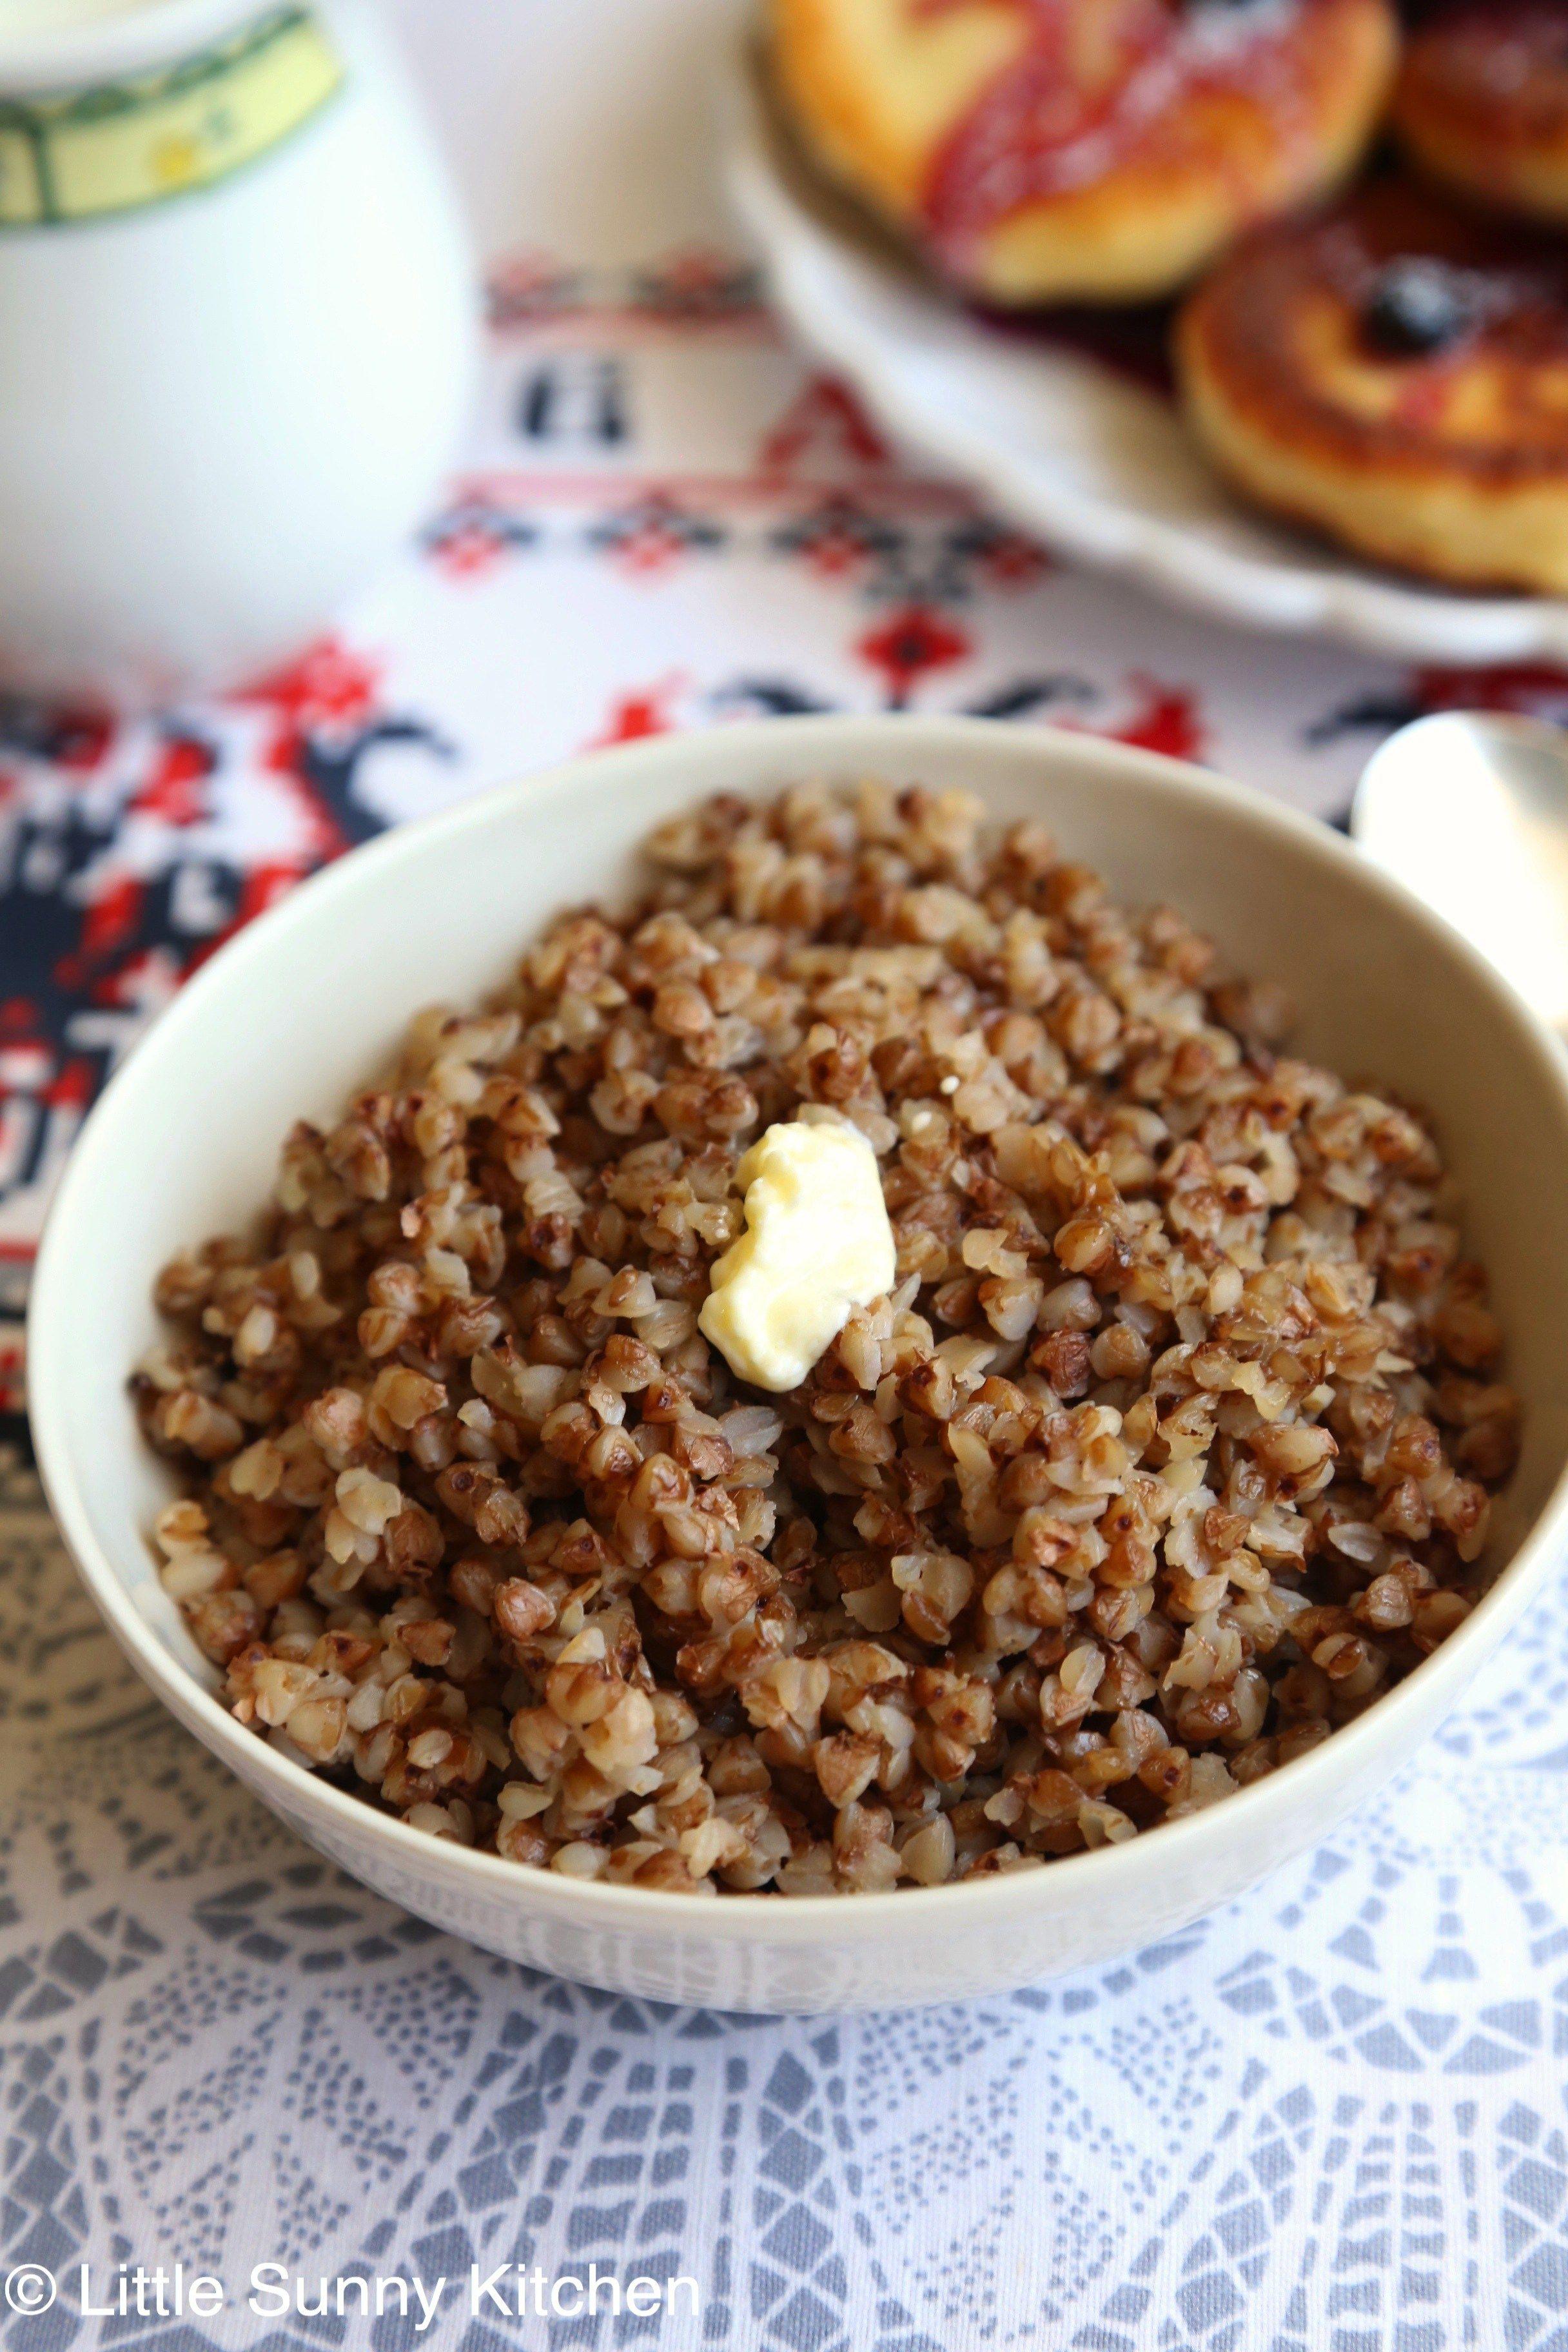 Гречка При Похудении Приготовление. Как готовить гречку для похудения правильно: способы приготовления и вкусные диетические блюда